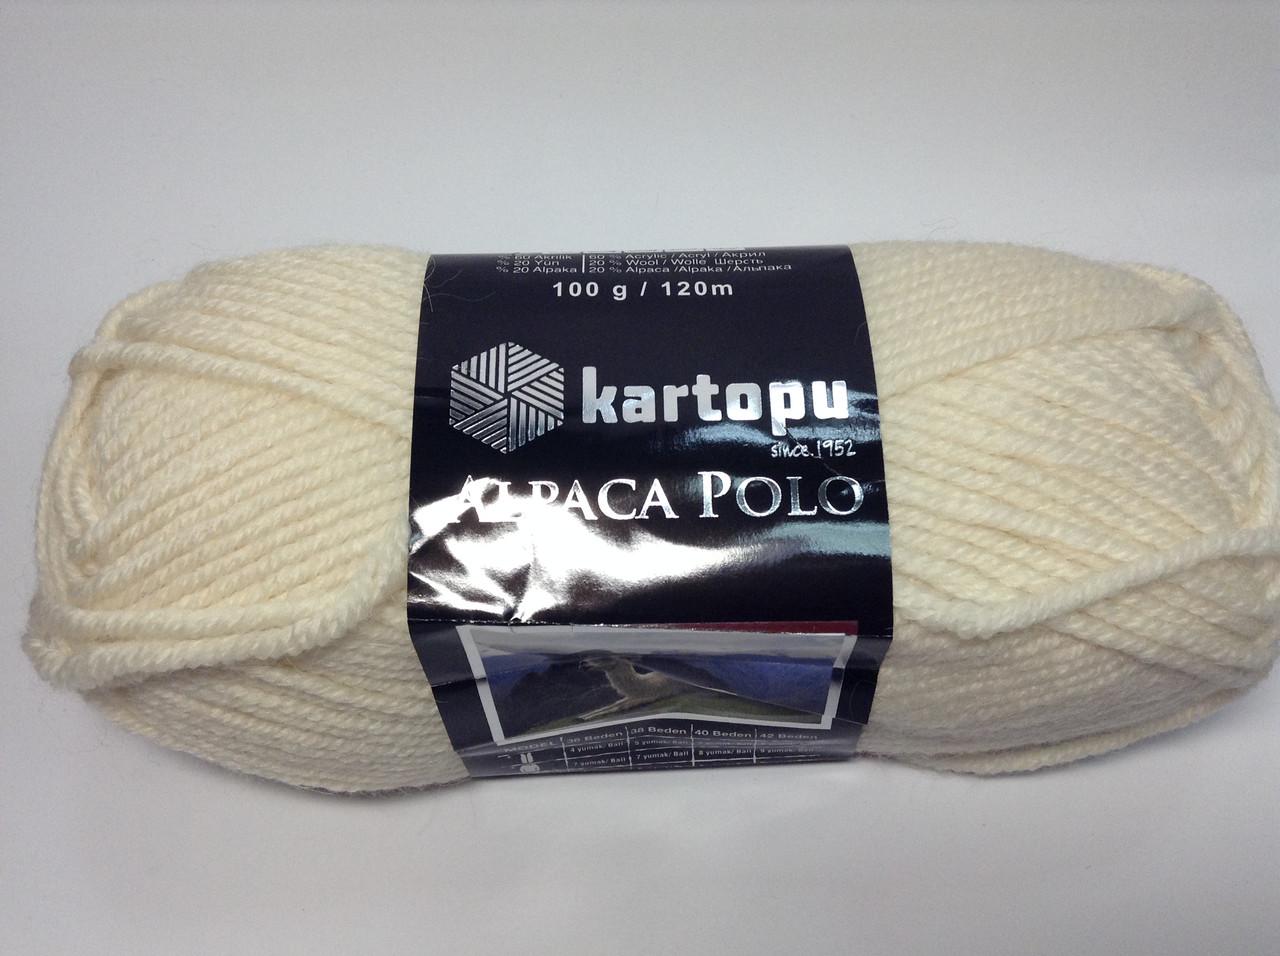 Пряжа alpaca polo - колір кремовий